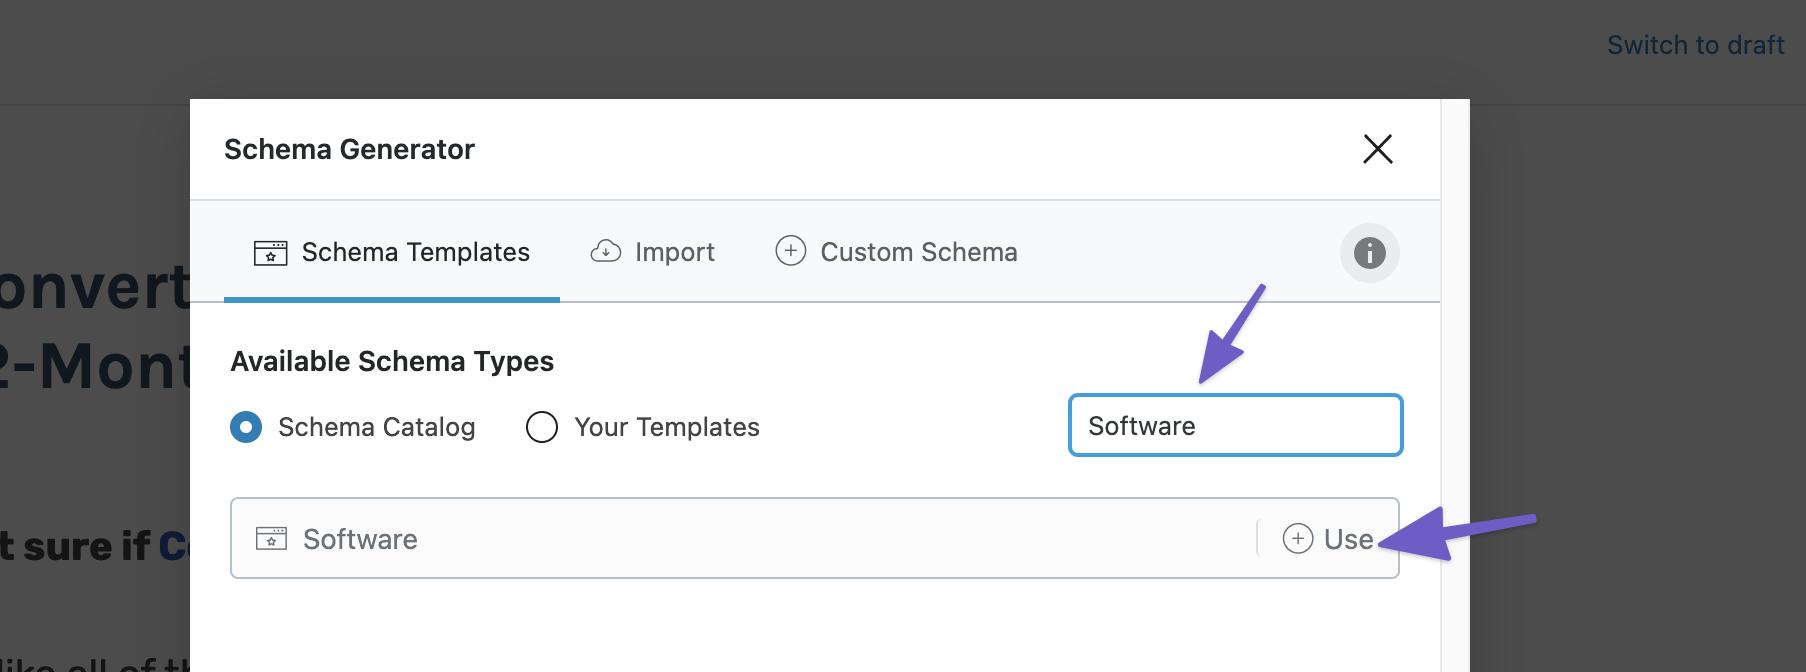 Software Schema软件结构化类型